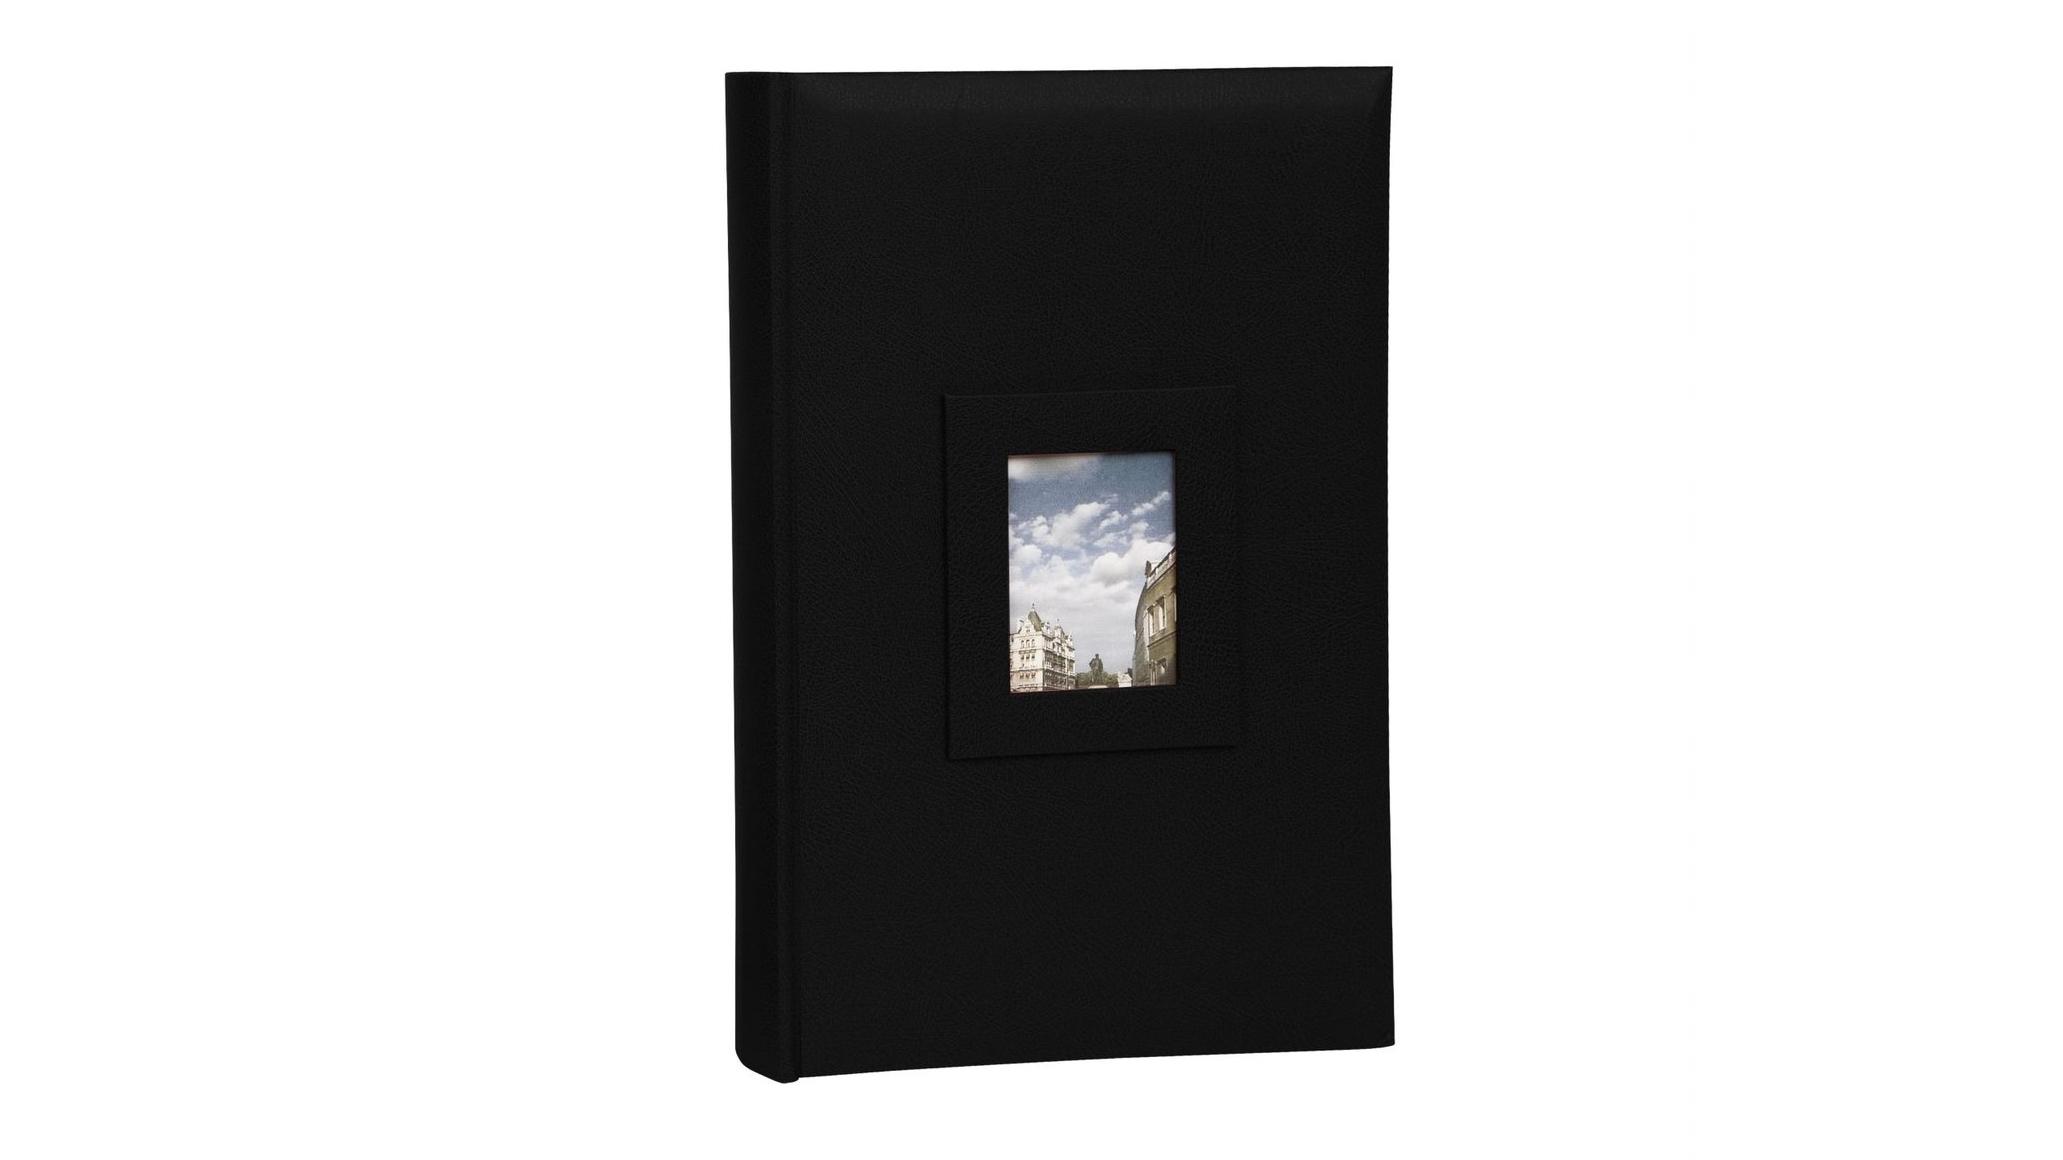 Image of Platinum Concerto 4x6 Slip-In 4x6 300 Photo Album - Black